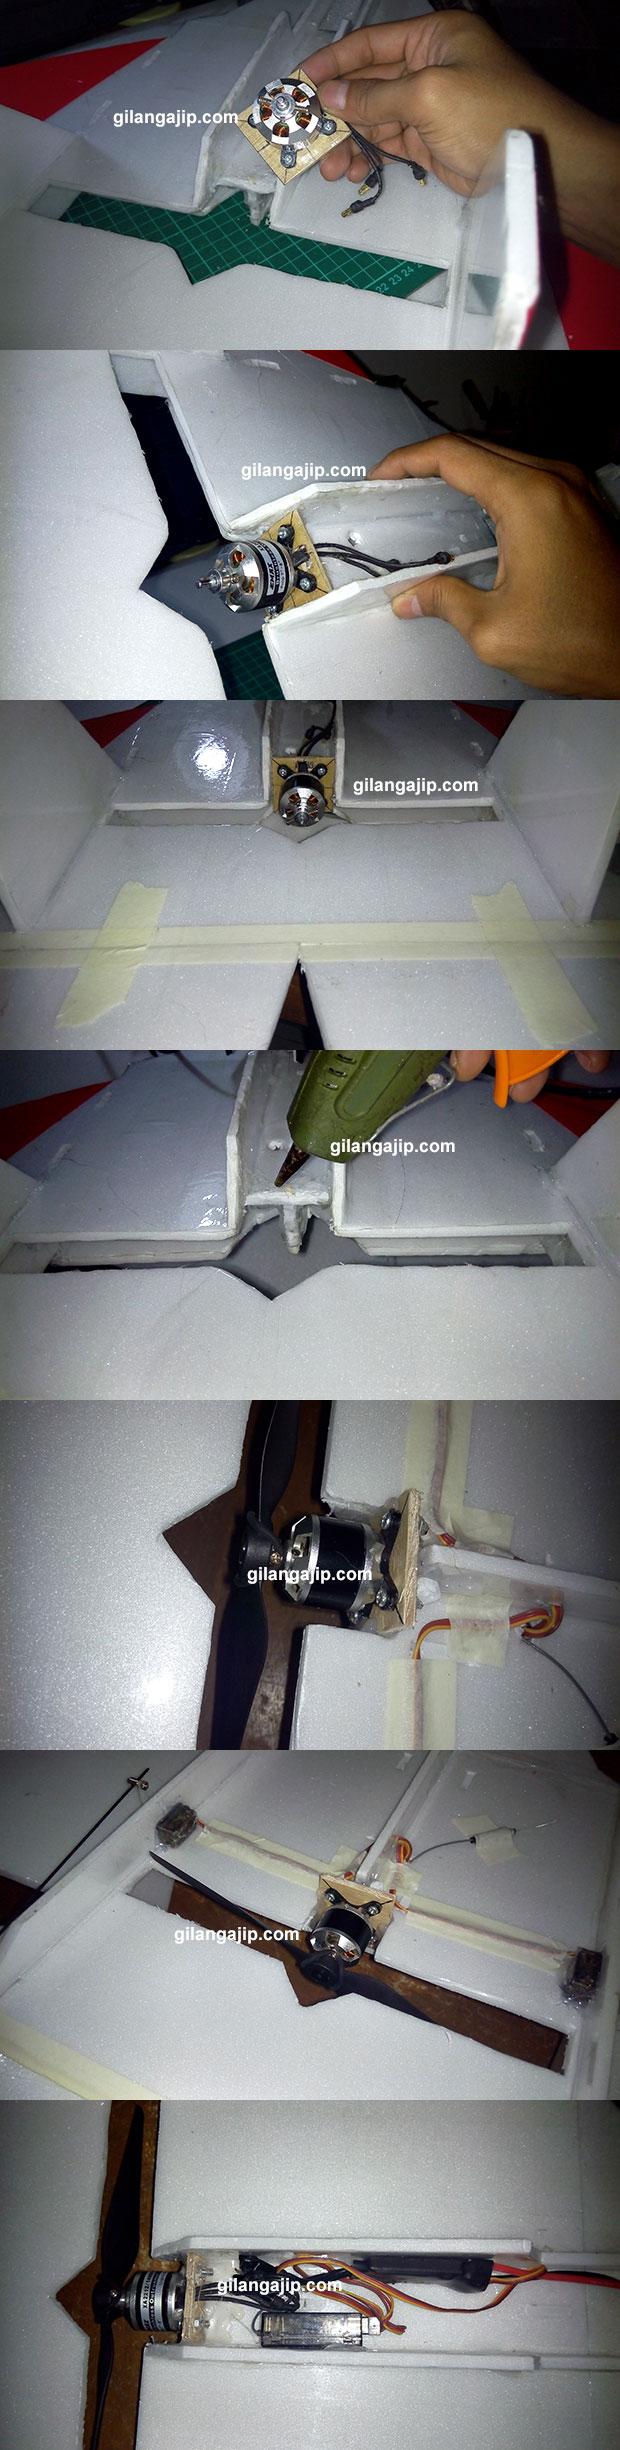 Cara Memasang Motor Brusless ke pesawat RC Gabus